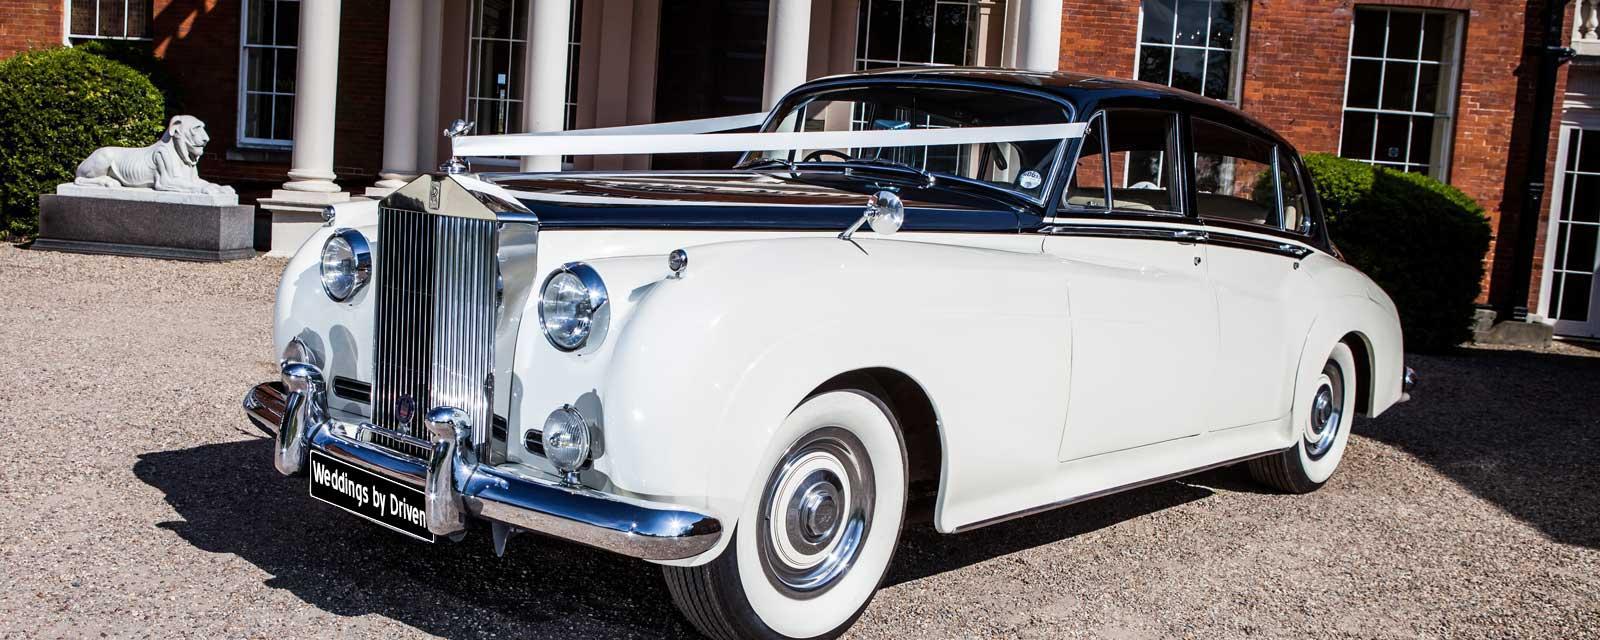 hire 1960 rolls royce cloud ii lwb for your wedding